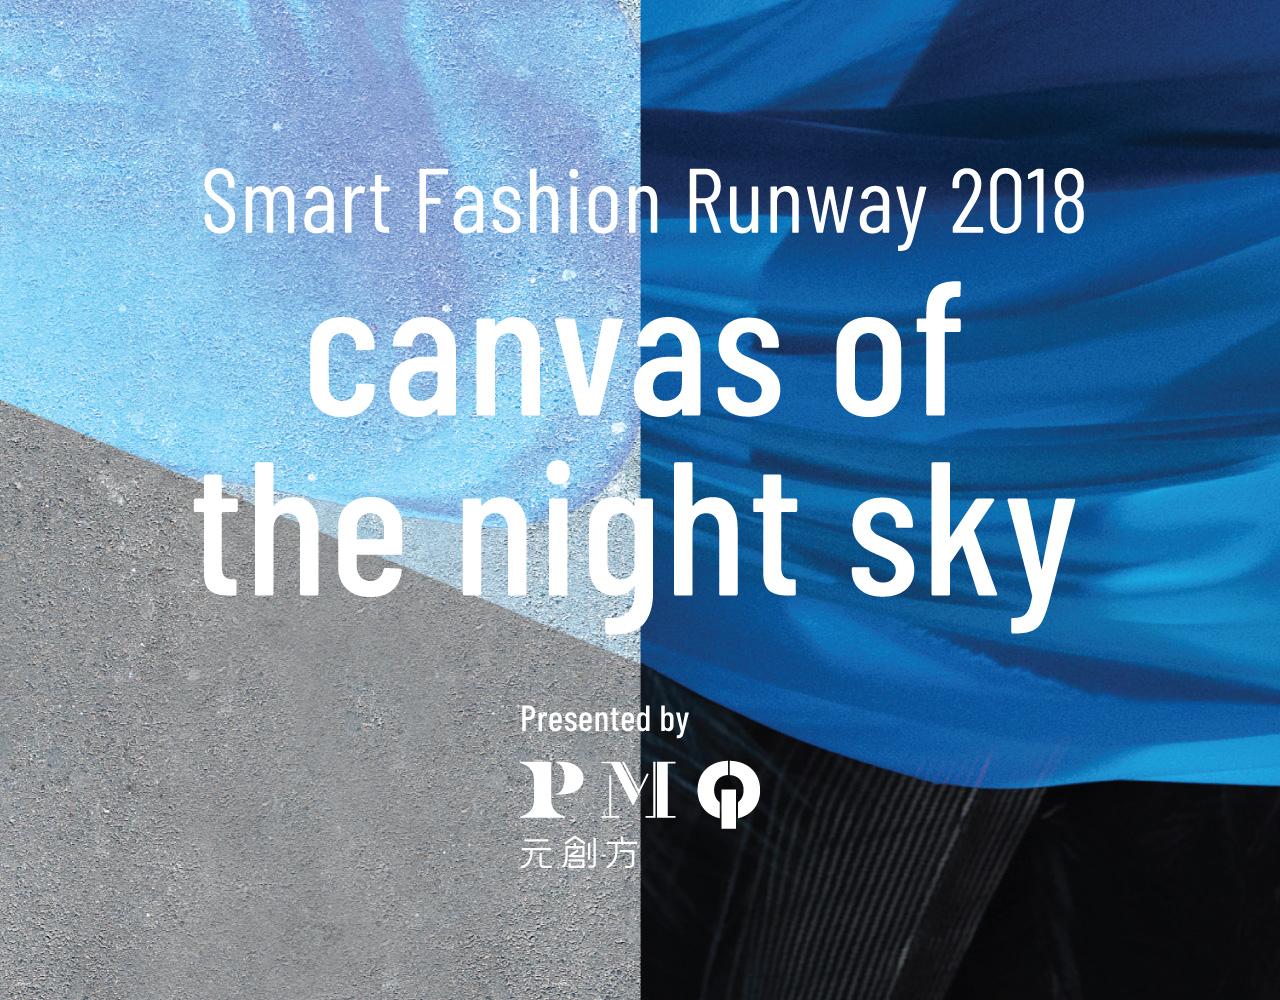 Smart Fashion Runway 2018